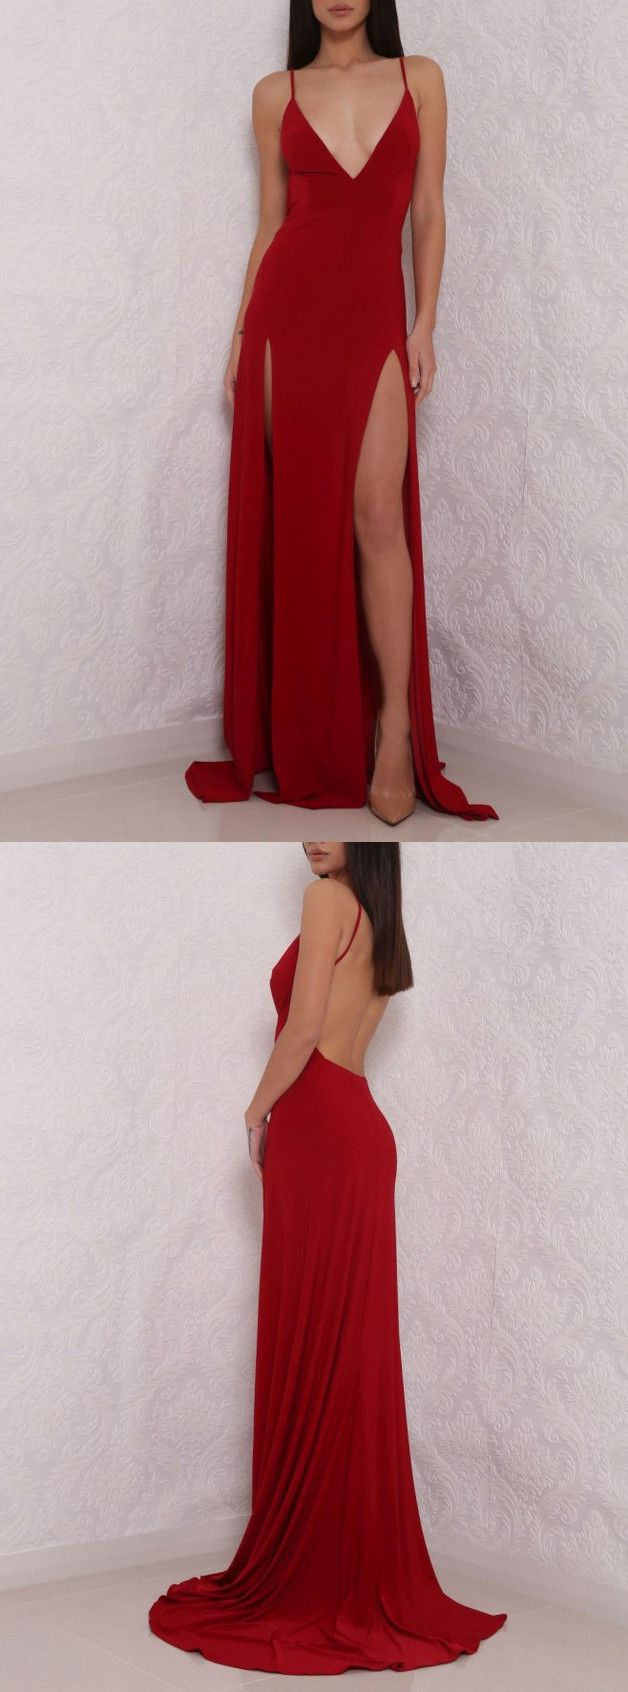 Kleid rot ausschnitt